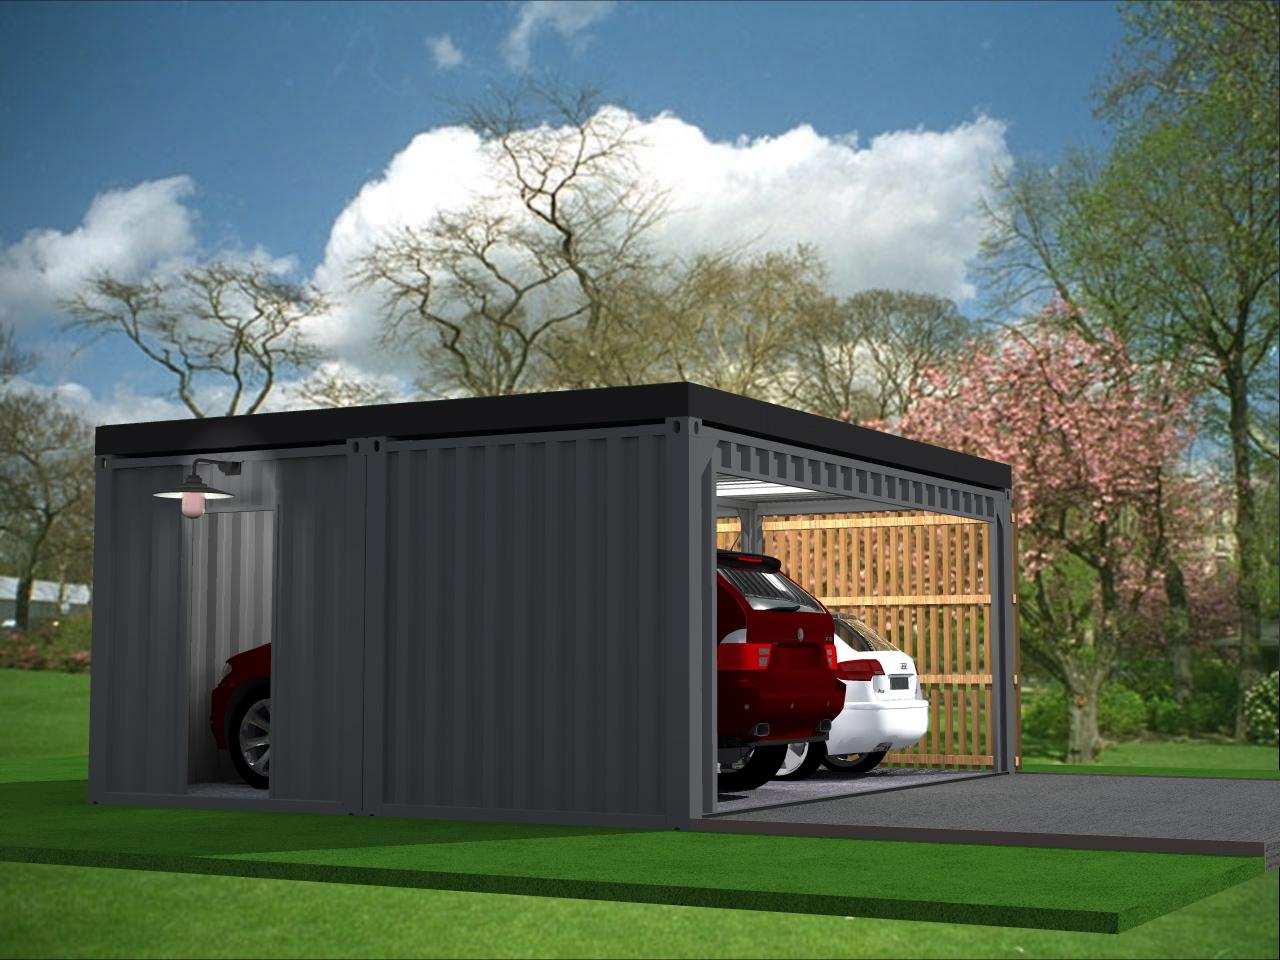 Vente de container garage joy studio design gallery for Garage top car marseille